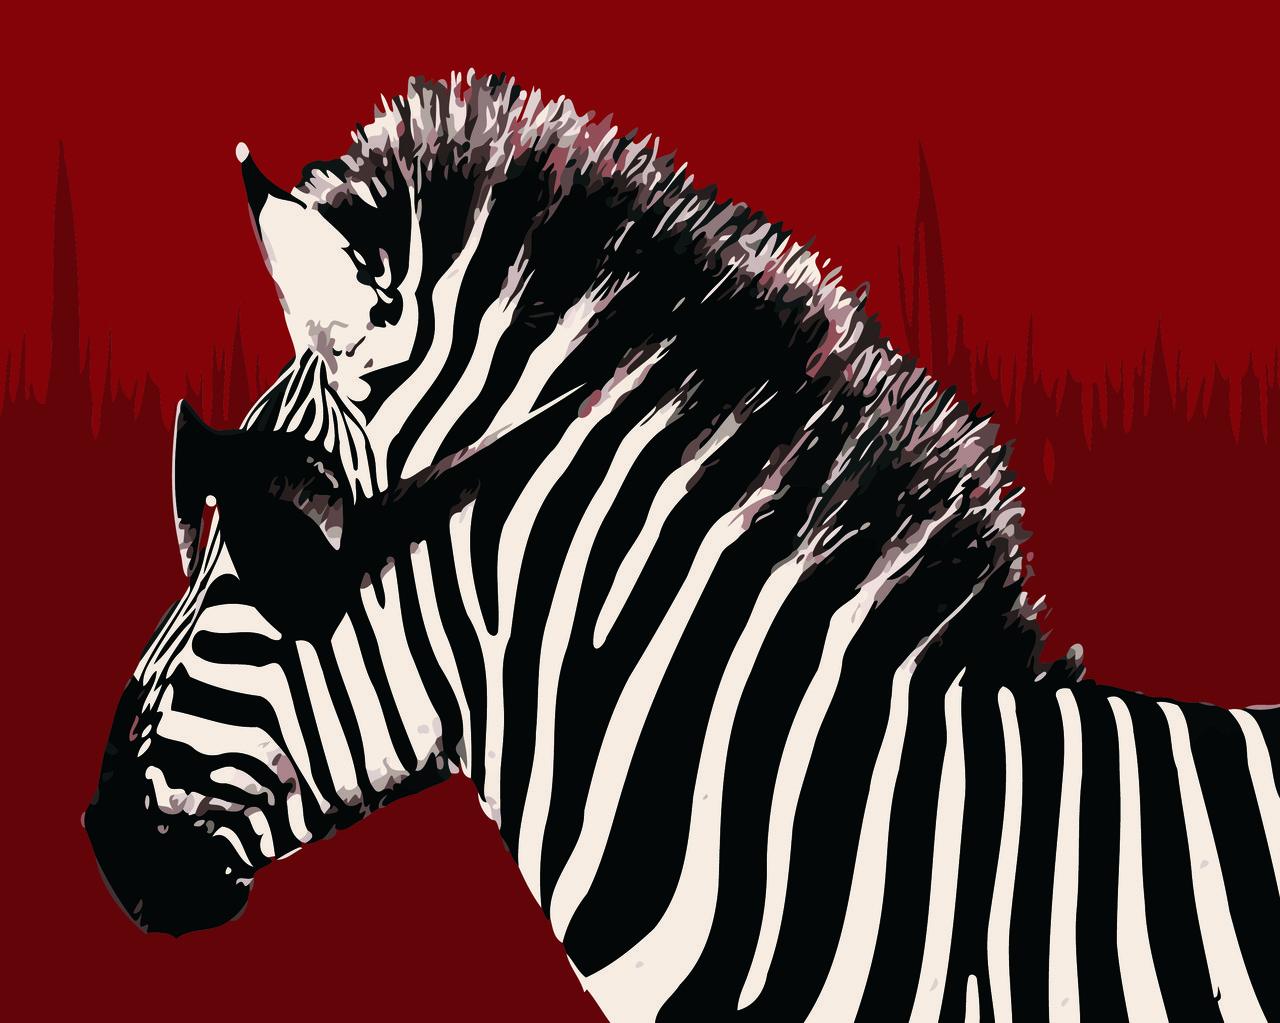 Картина по номерам Зебра хипстер, 40x50 см., Домашнее искусство